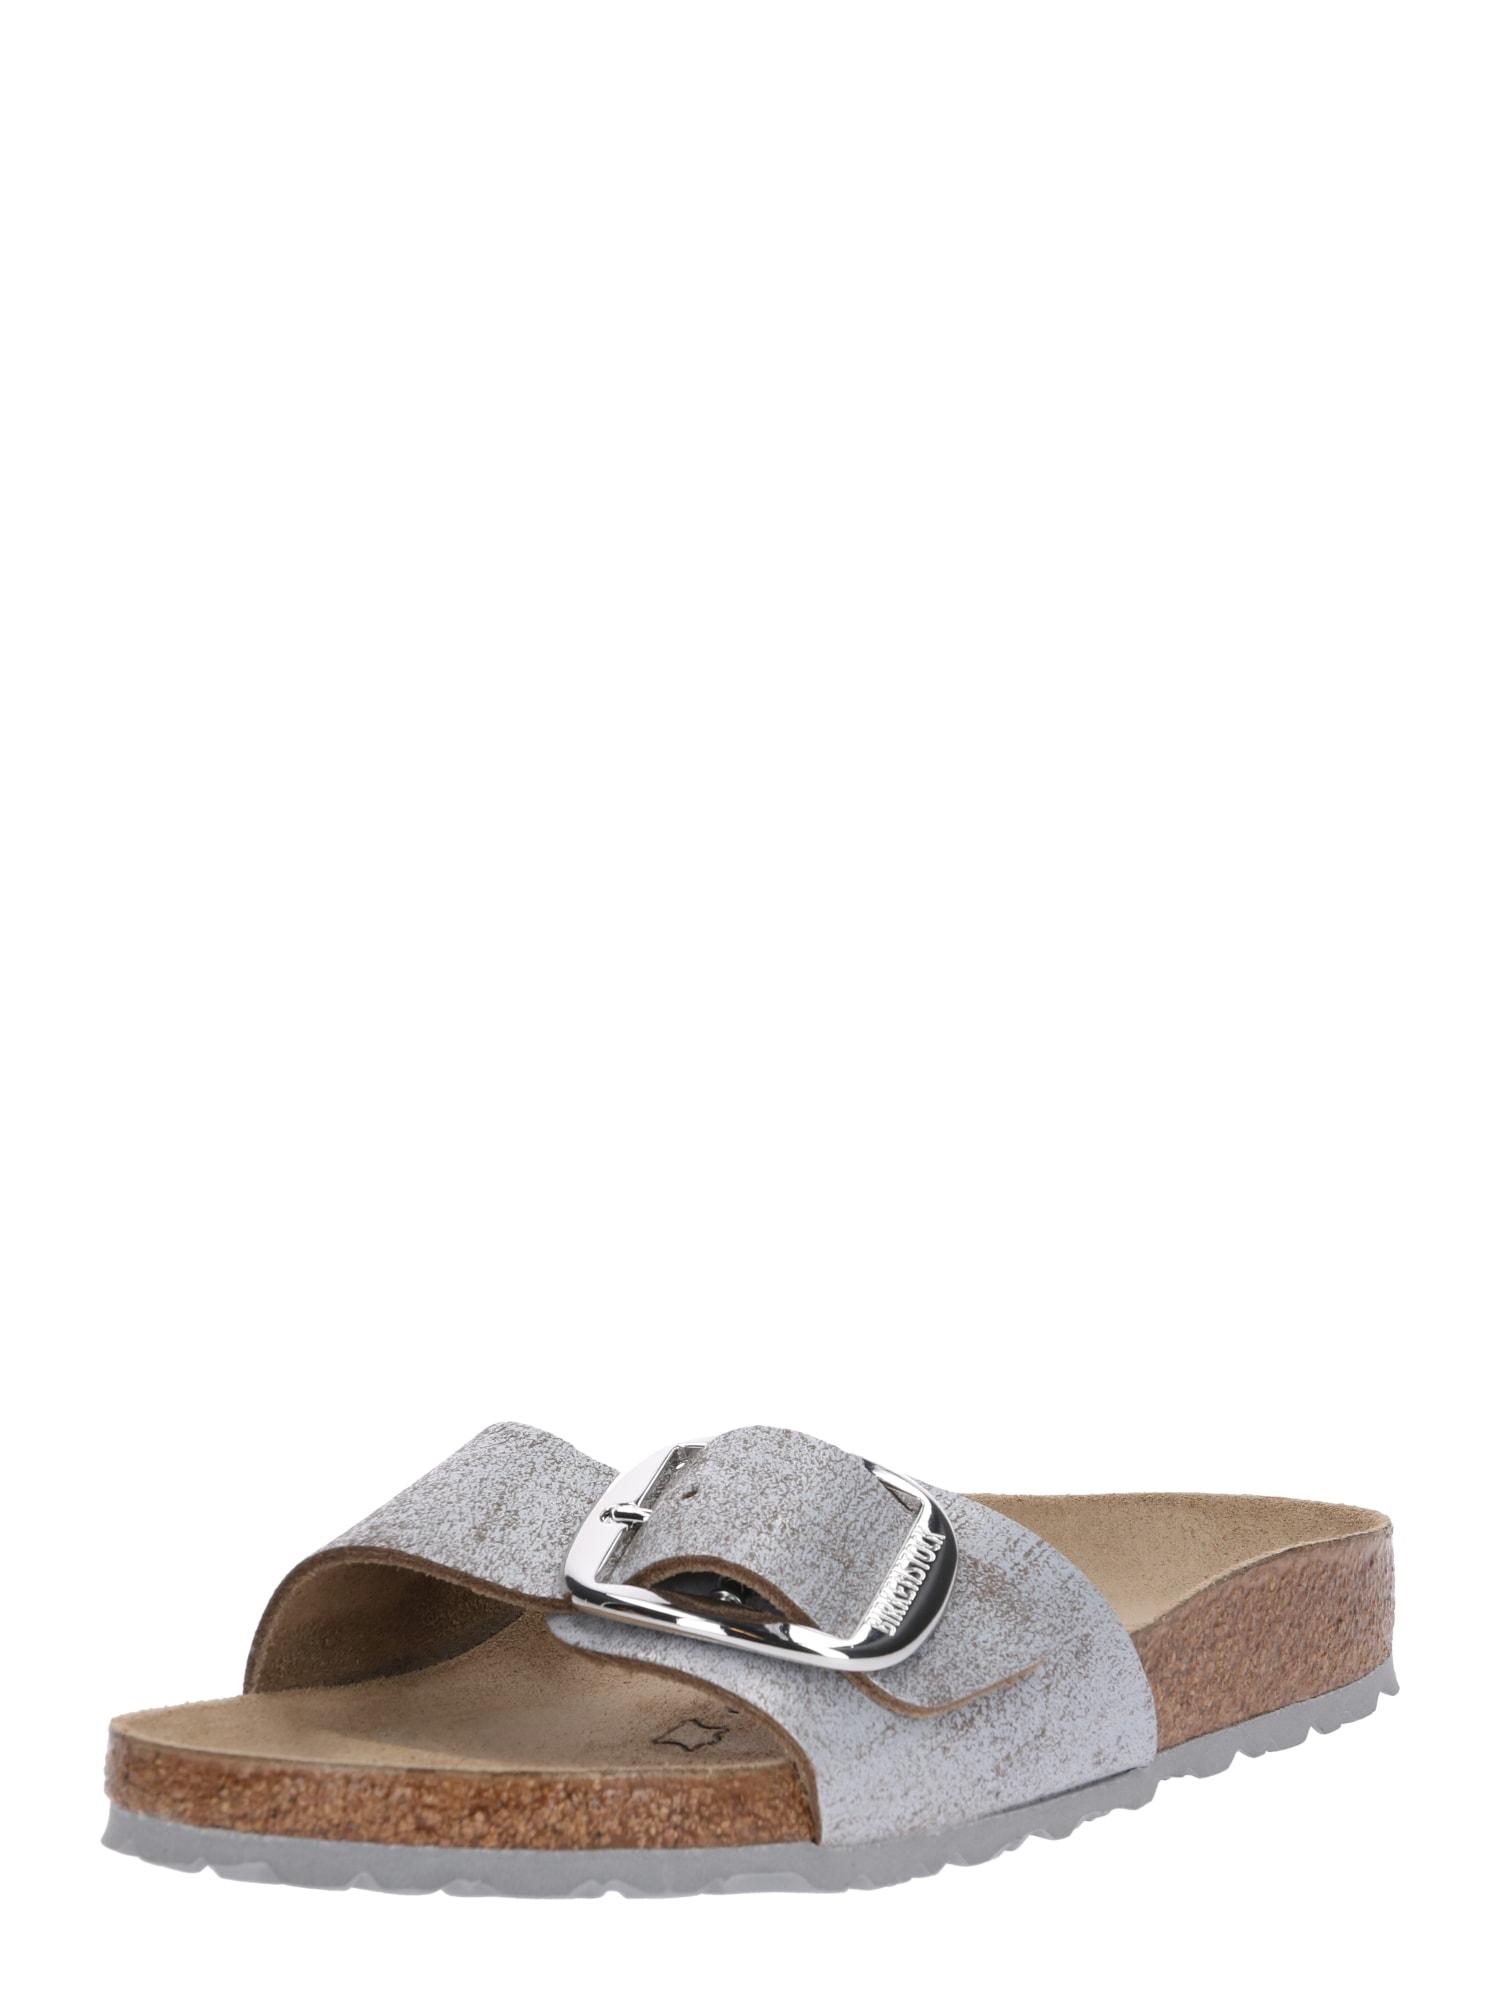 Pantofle Madrid stříbrně šedá BIRKENSTOCK